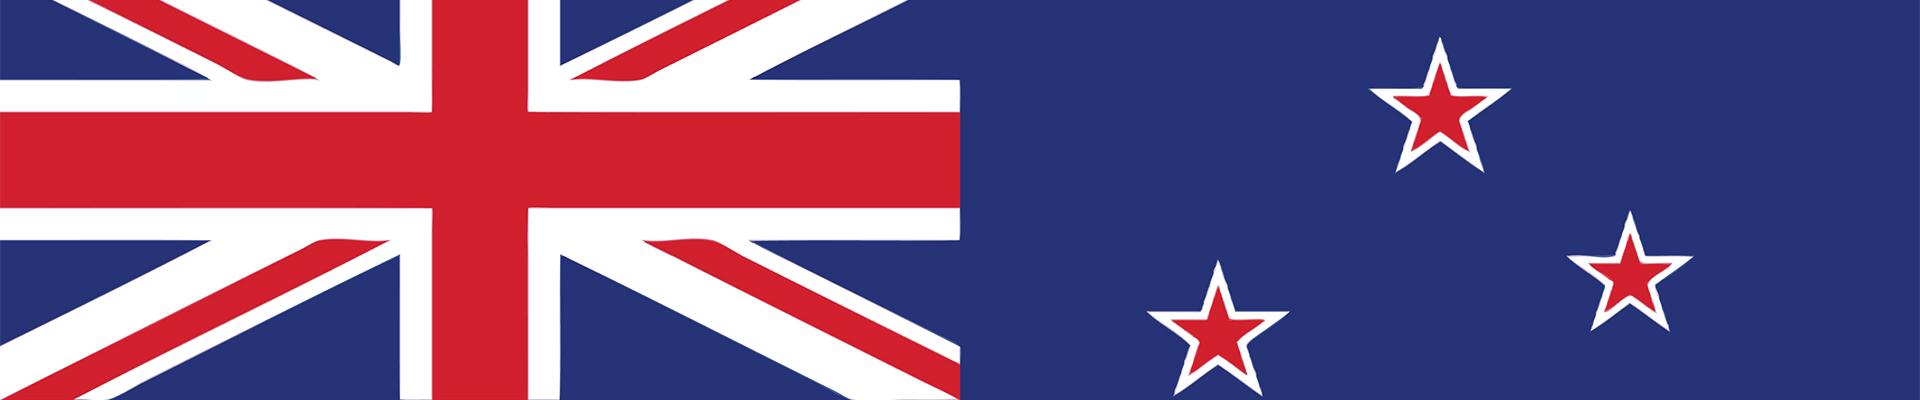 Cara menonton siaran langsung Tottenham Hotspur melawan Wolverhampton Wanderers di Selandia Baru - Bendera Selandia Baru